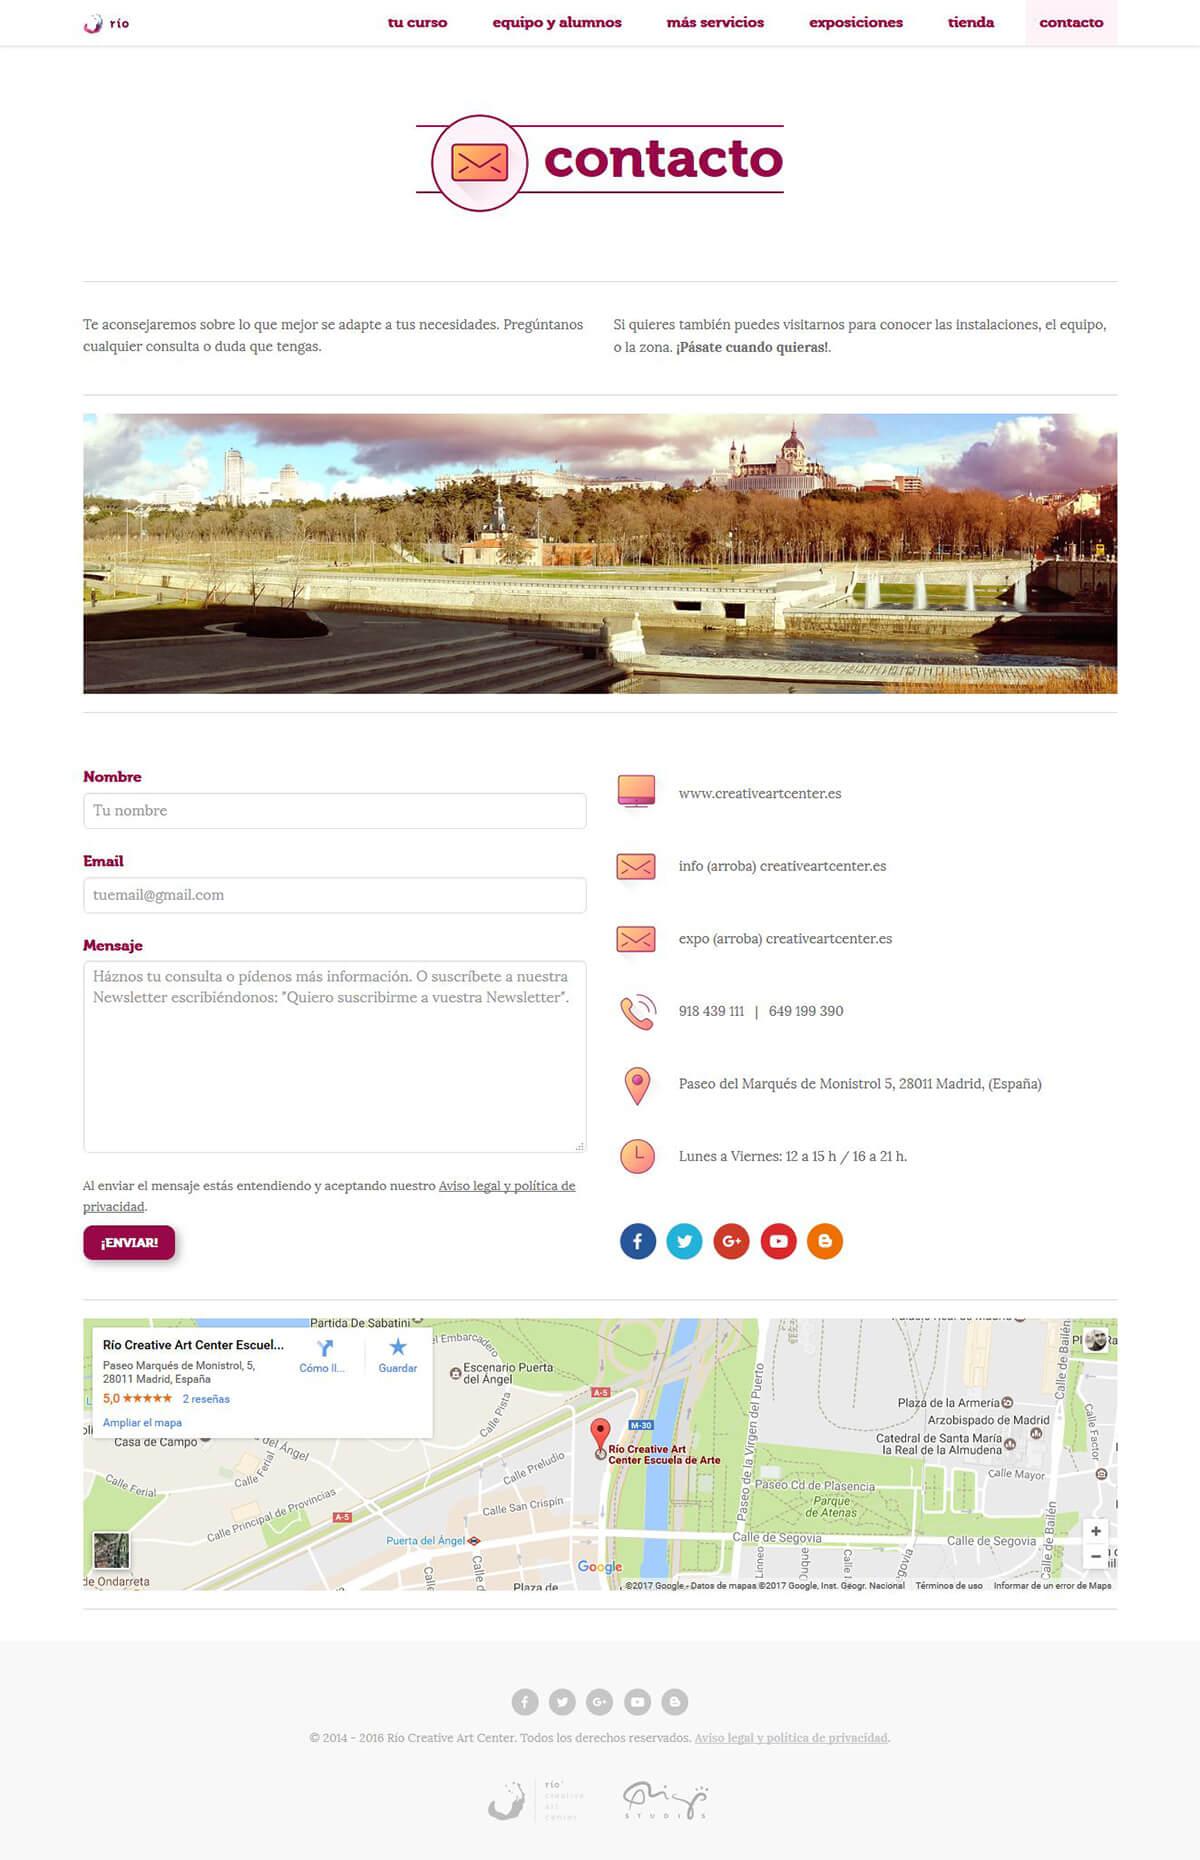 website-rio-contacto